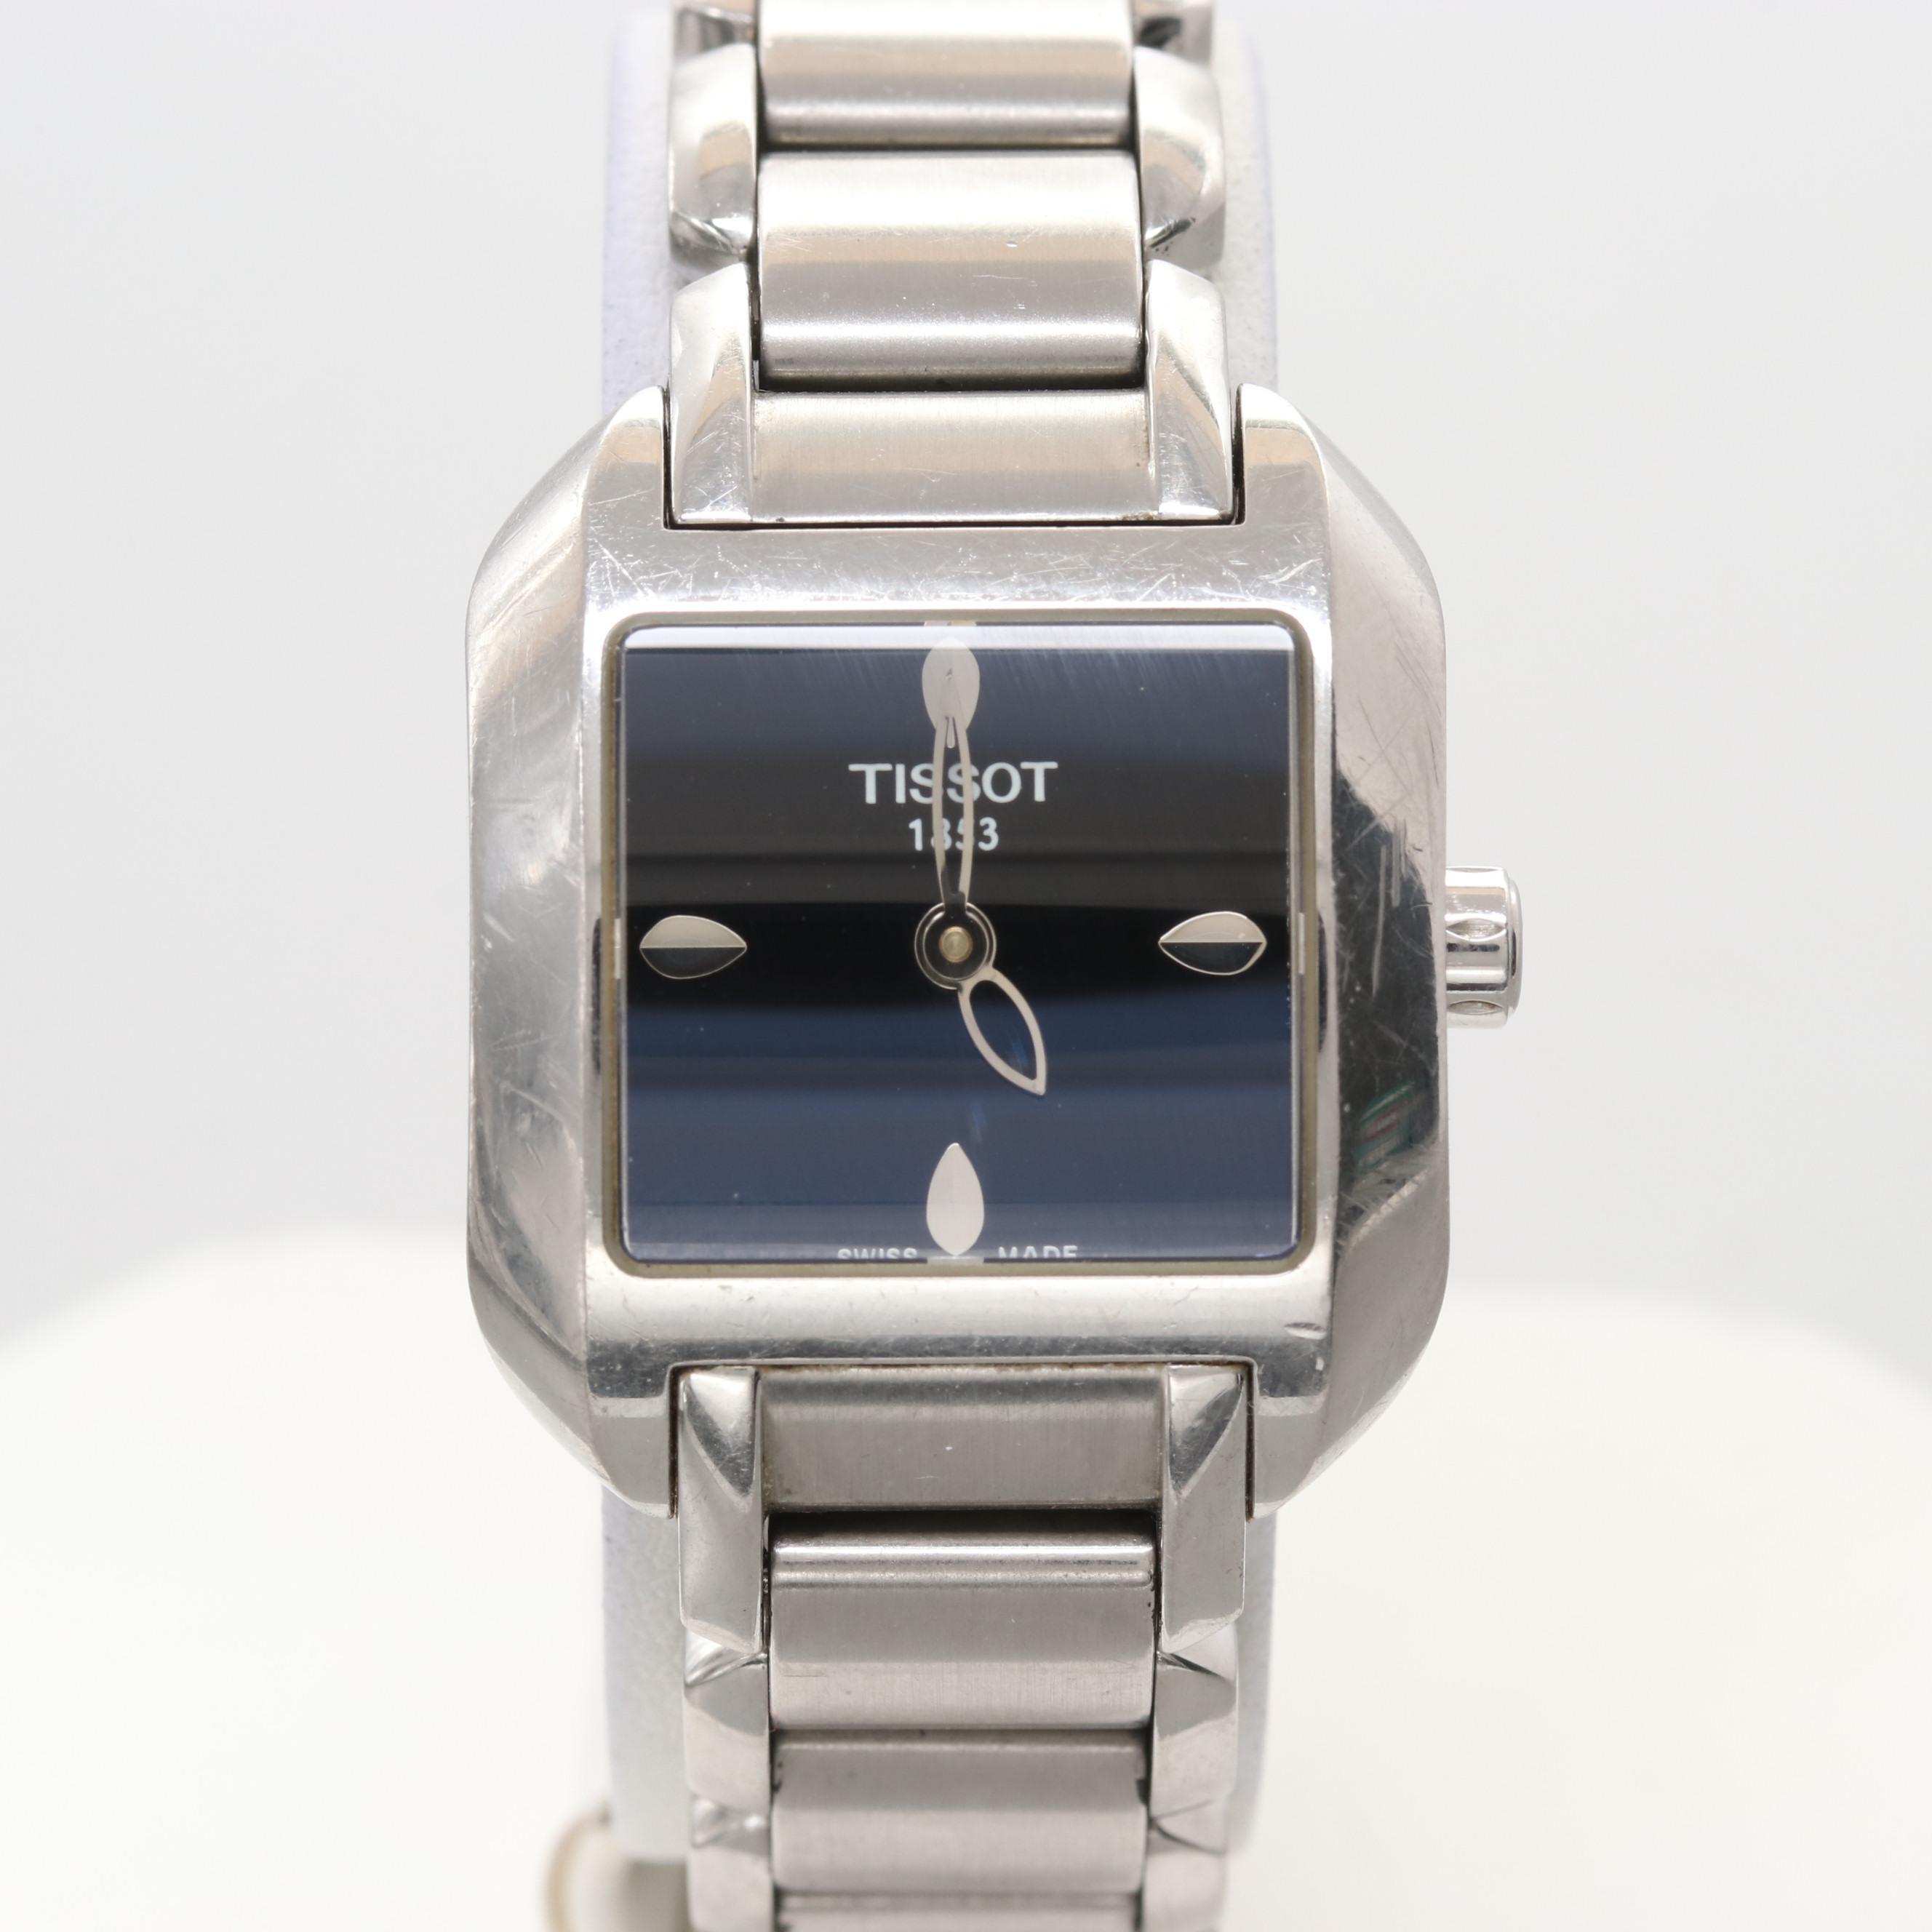 Tissot 1853 Stainless Steel Quartz Wristwatch